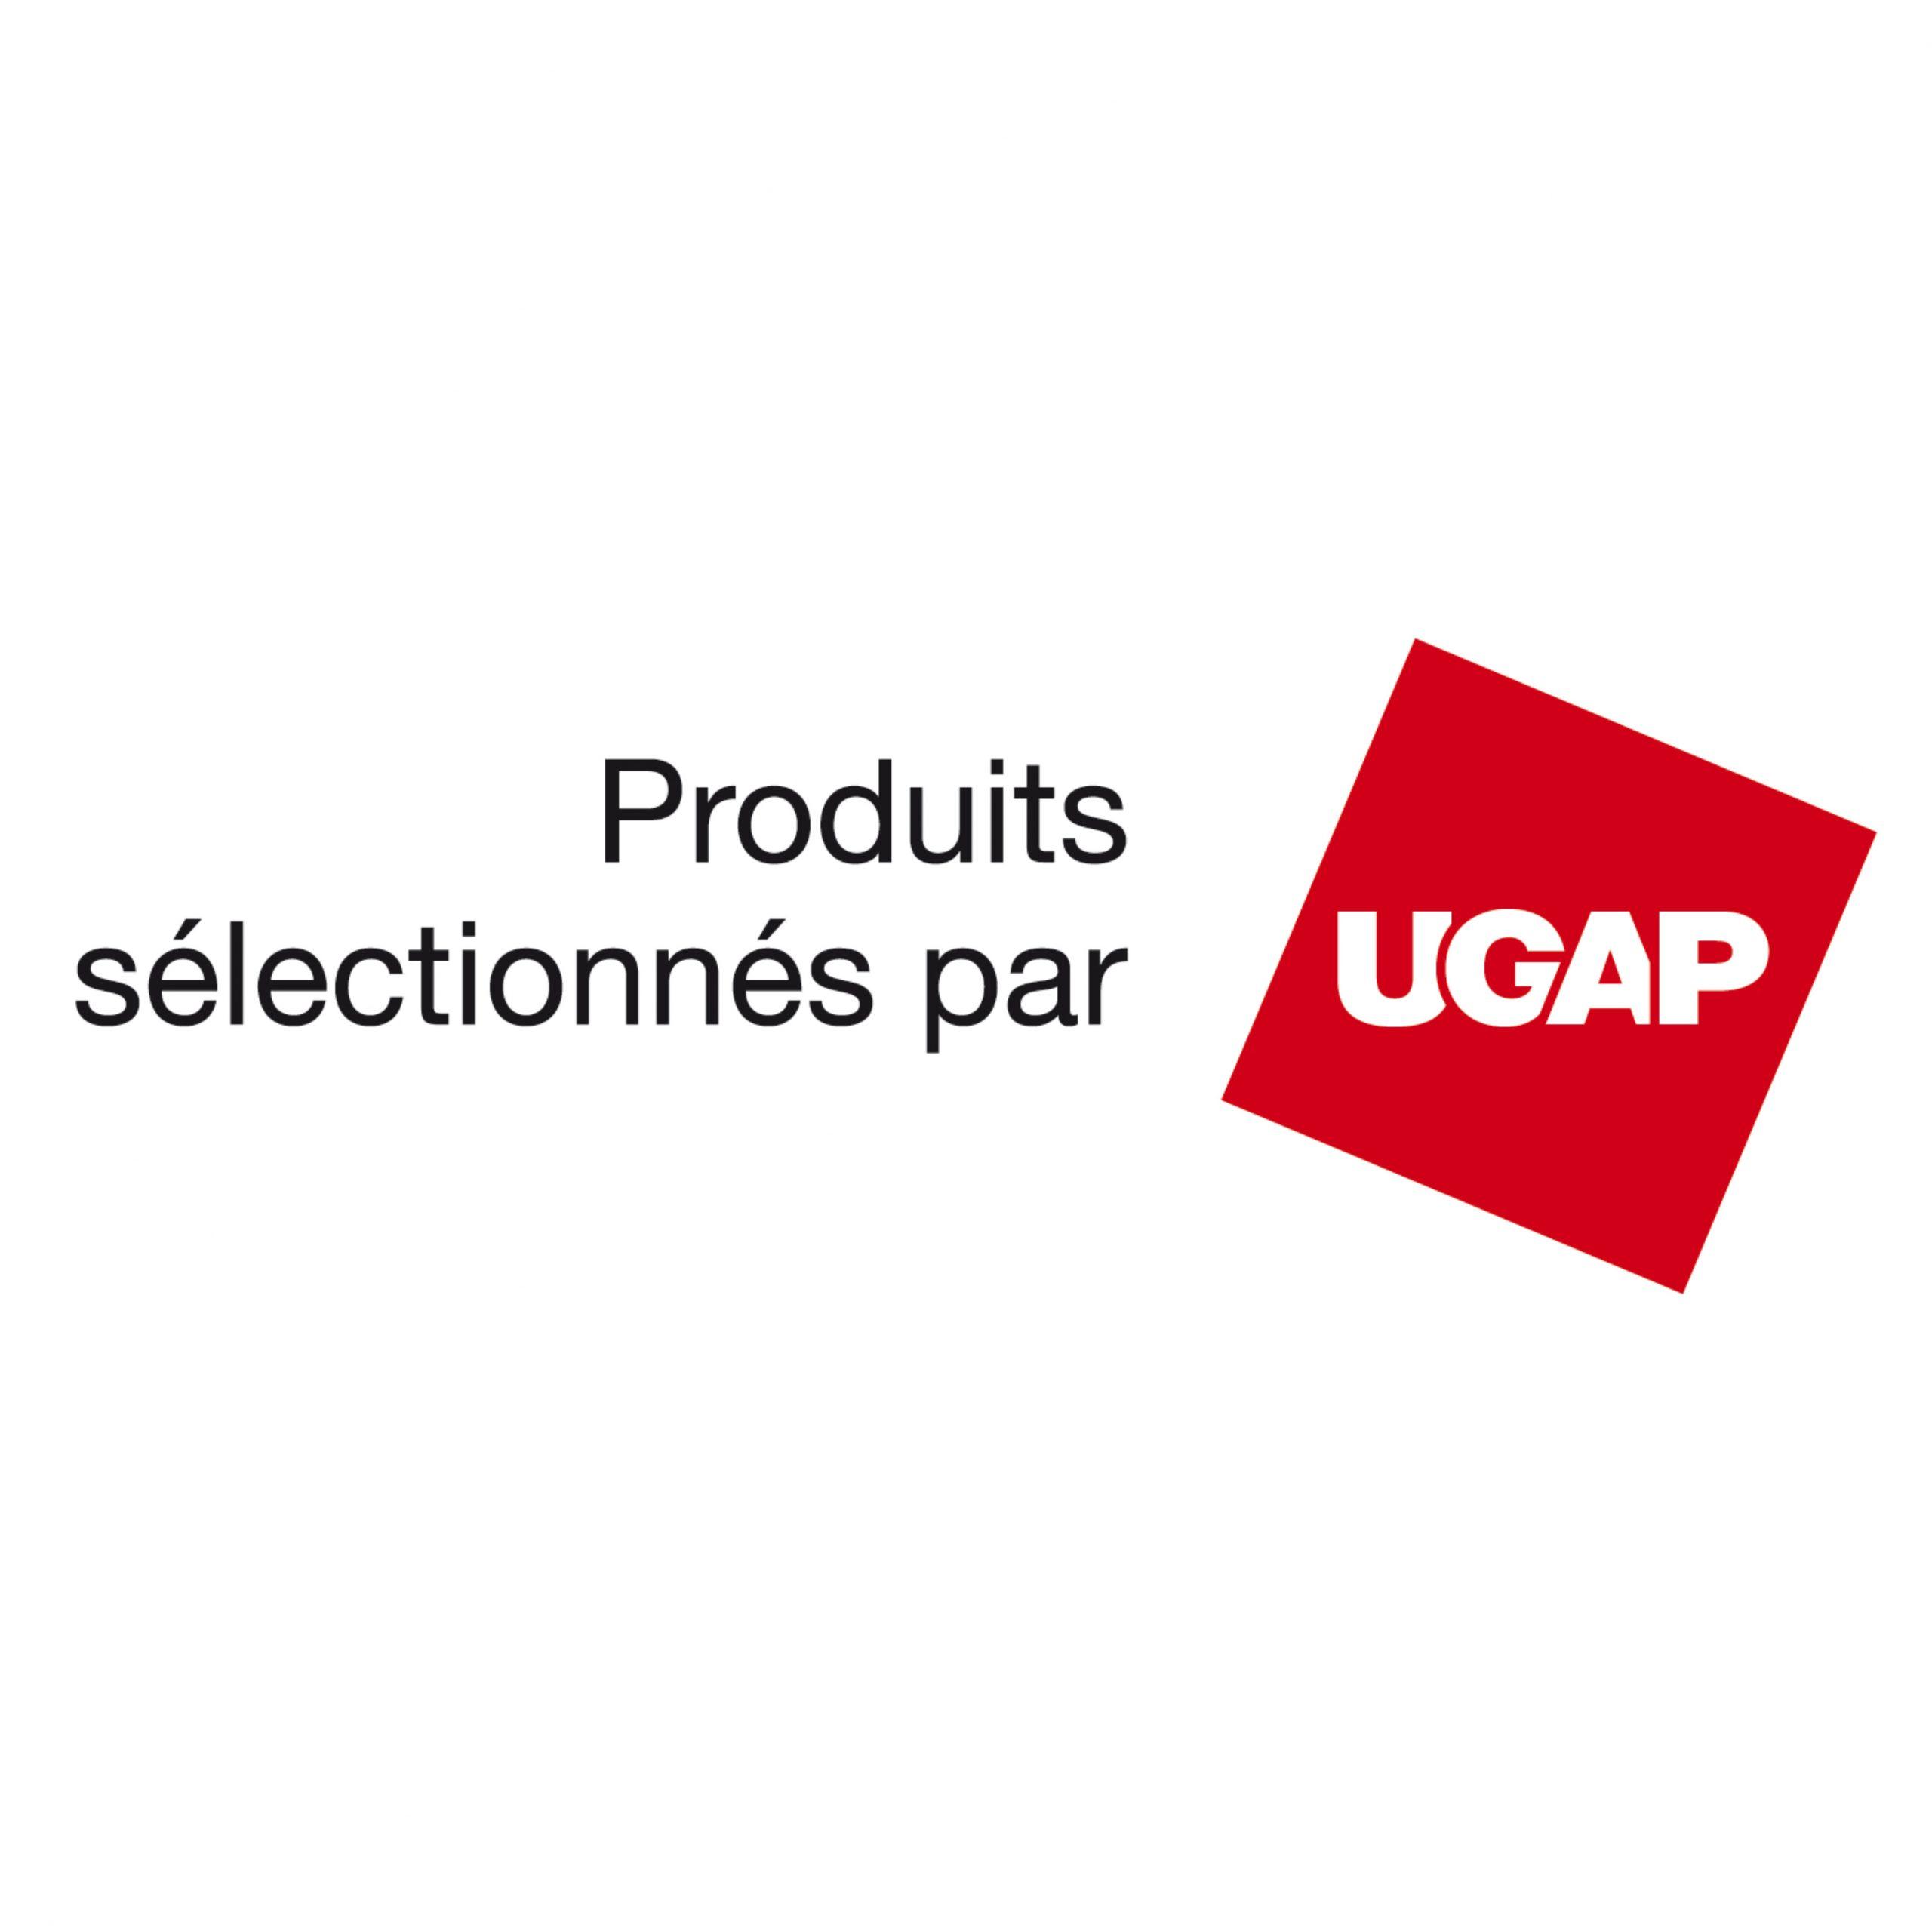 UGAP logo